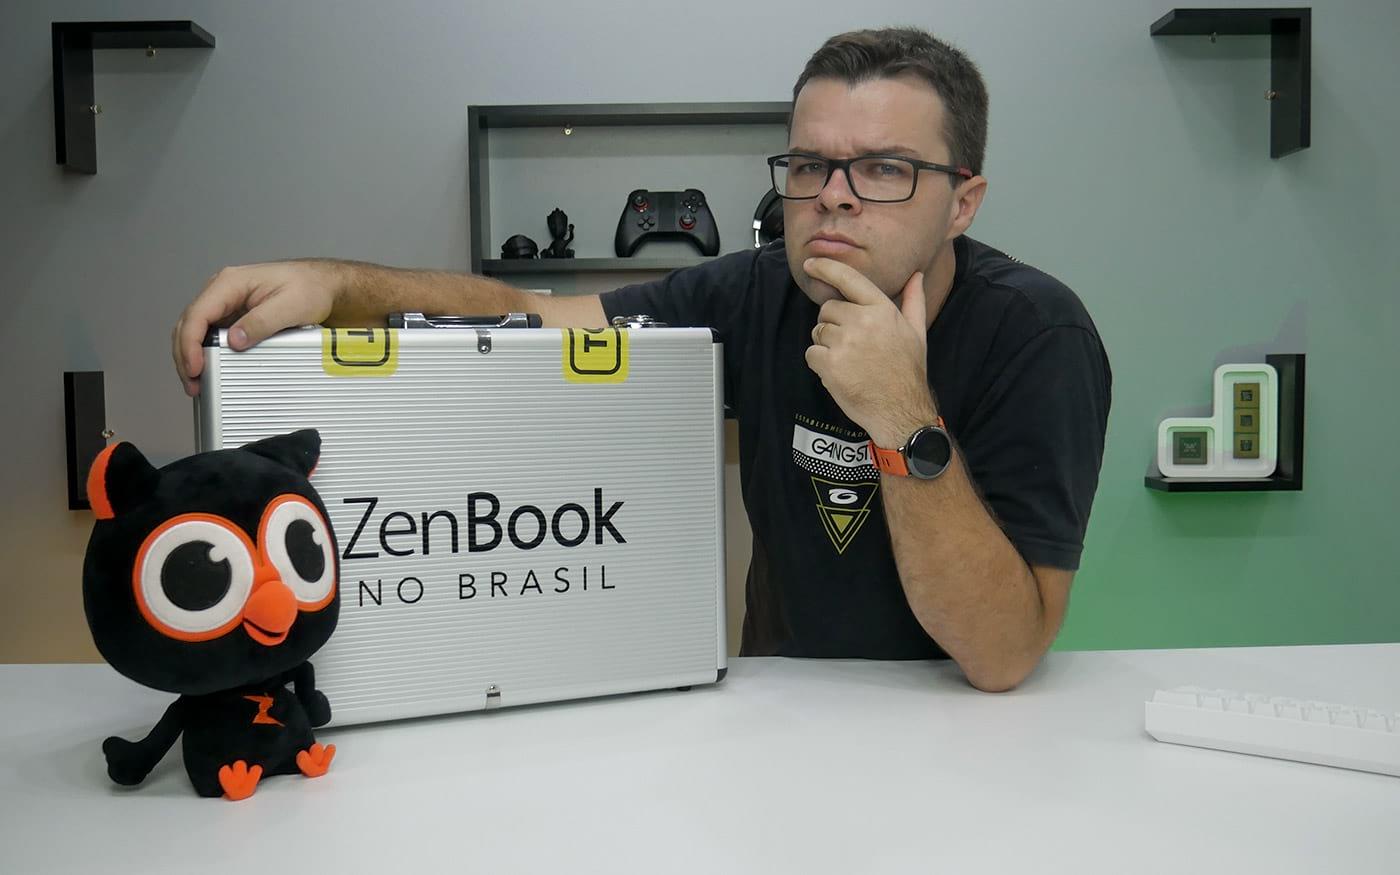 ASUS Zenbook - Unboxing e primeiras impressões - lançamento próximo no Brasil